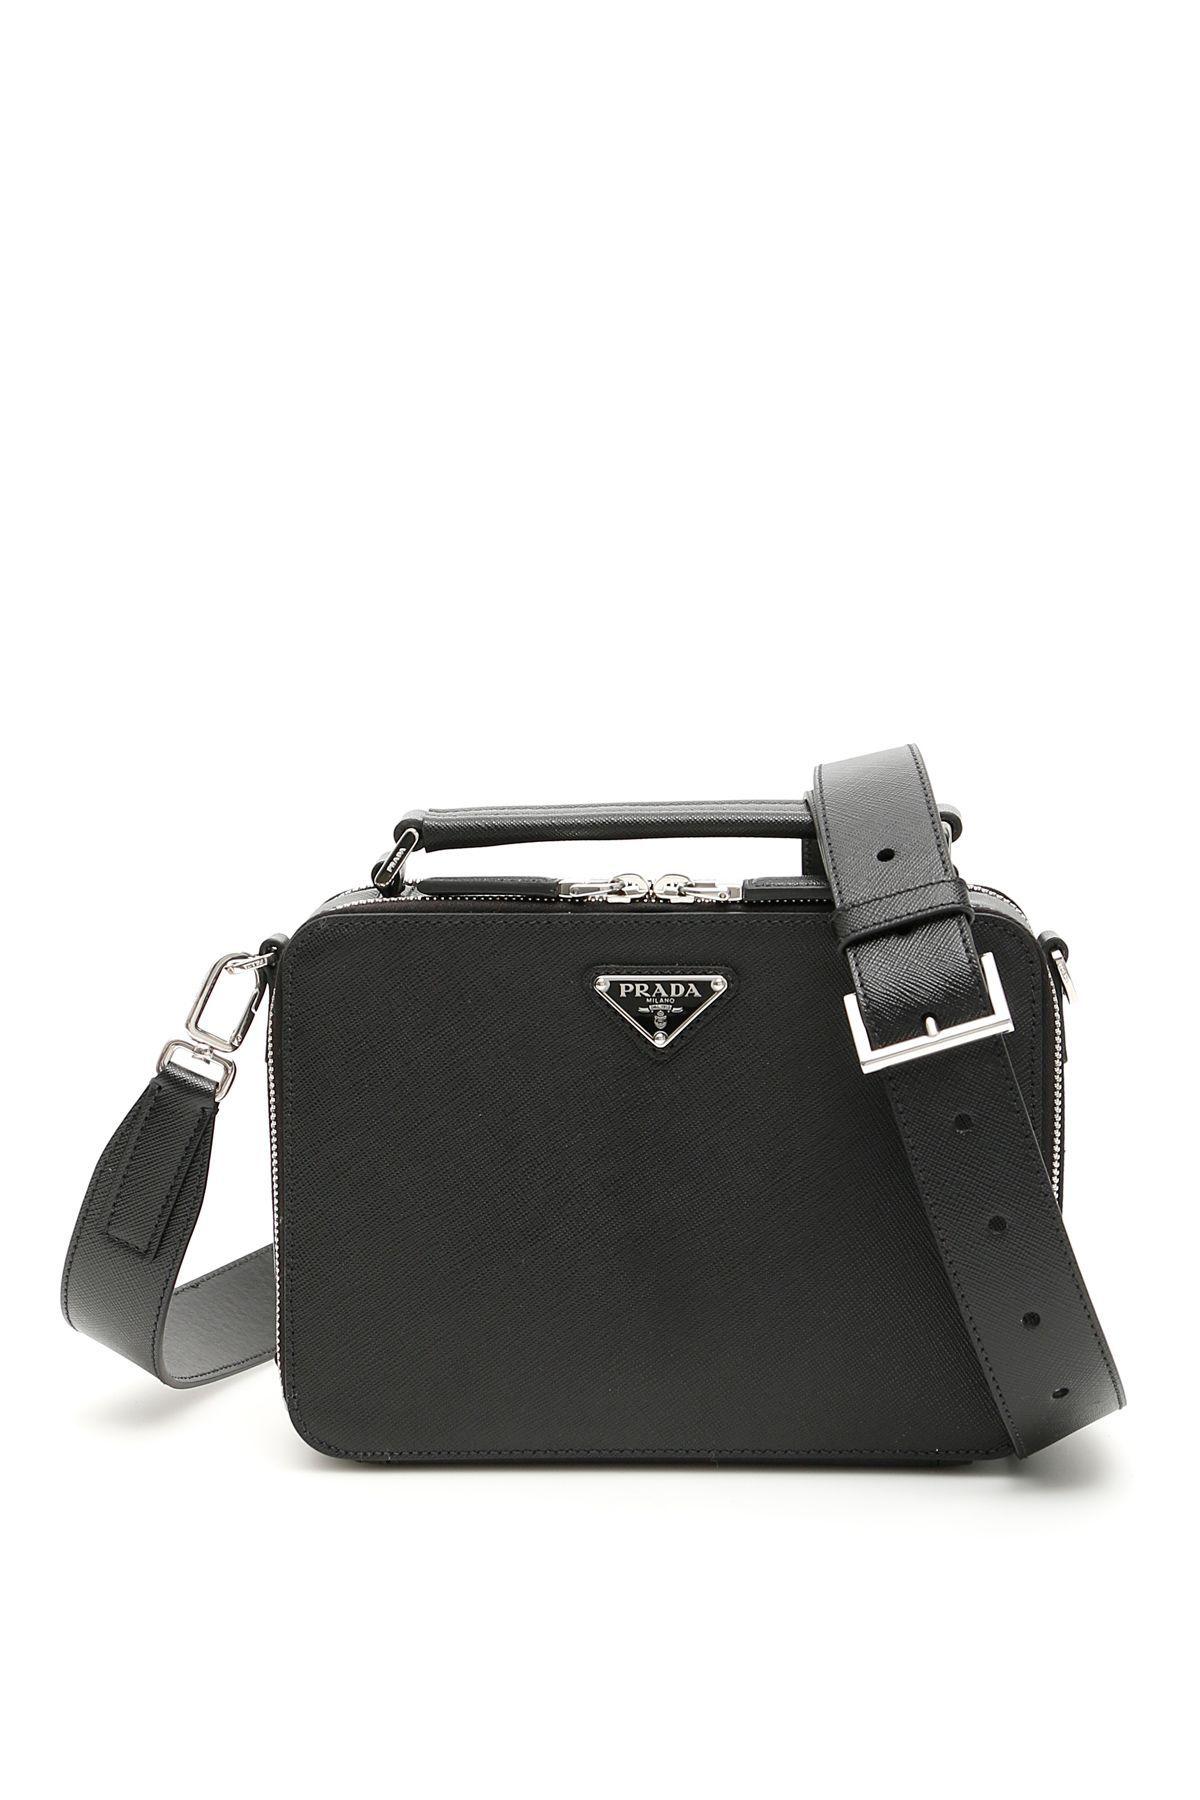 4065355cf29780 PRADA BRIQUE BAG. #prada #bags #shoulder bags #hand bags #lining ...